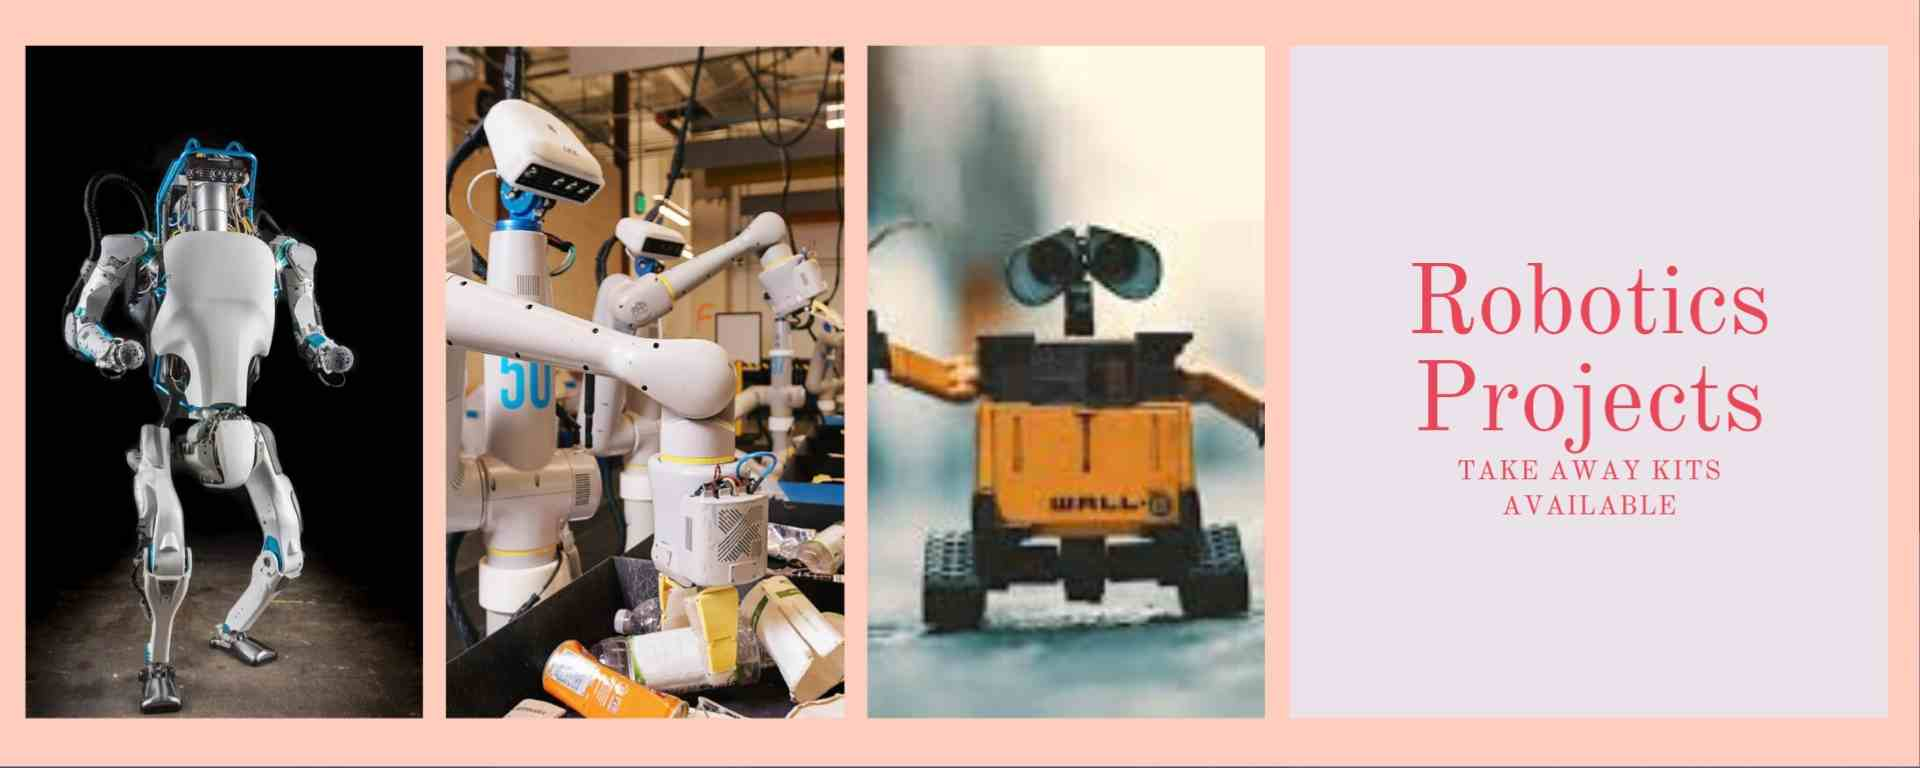 ROBOTICS PROJECTS